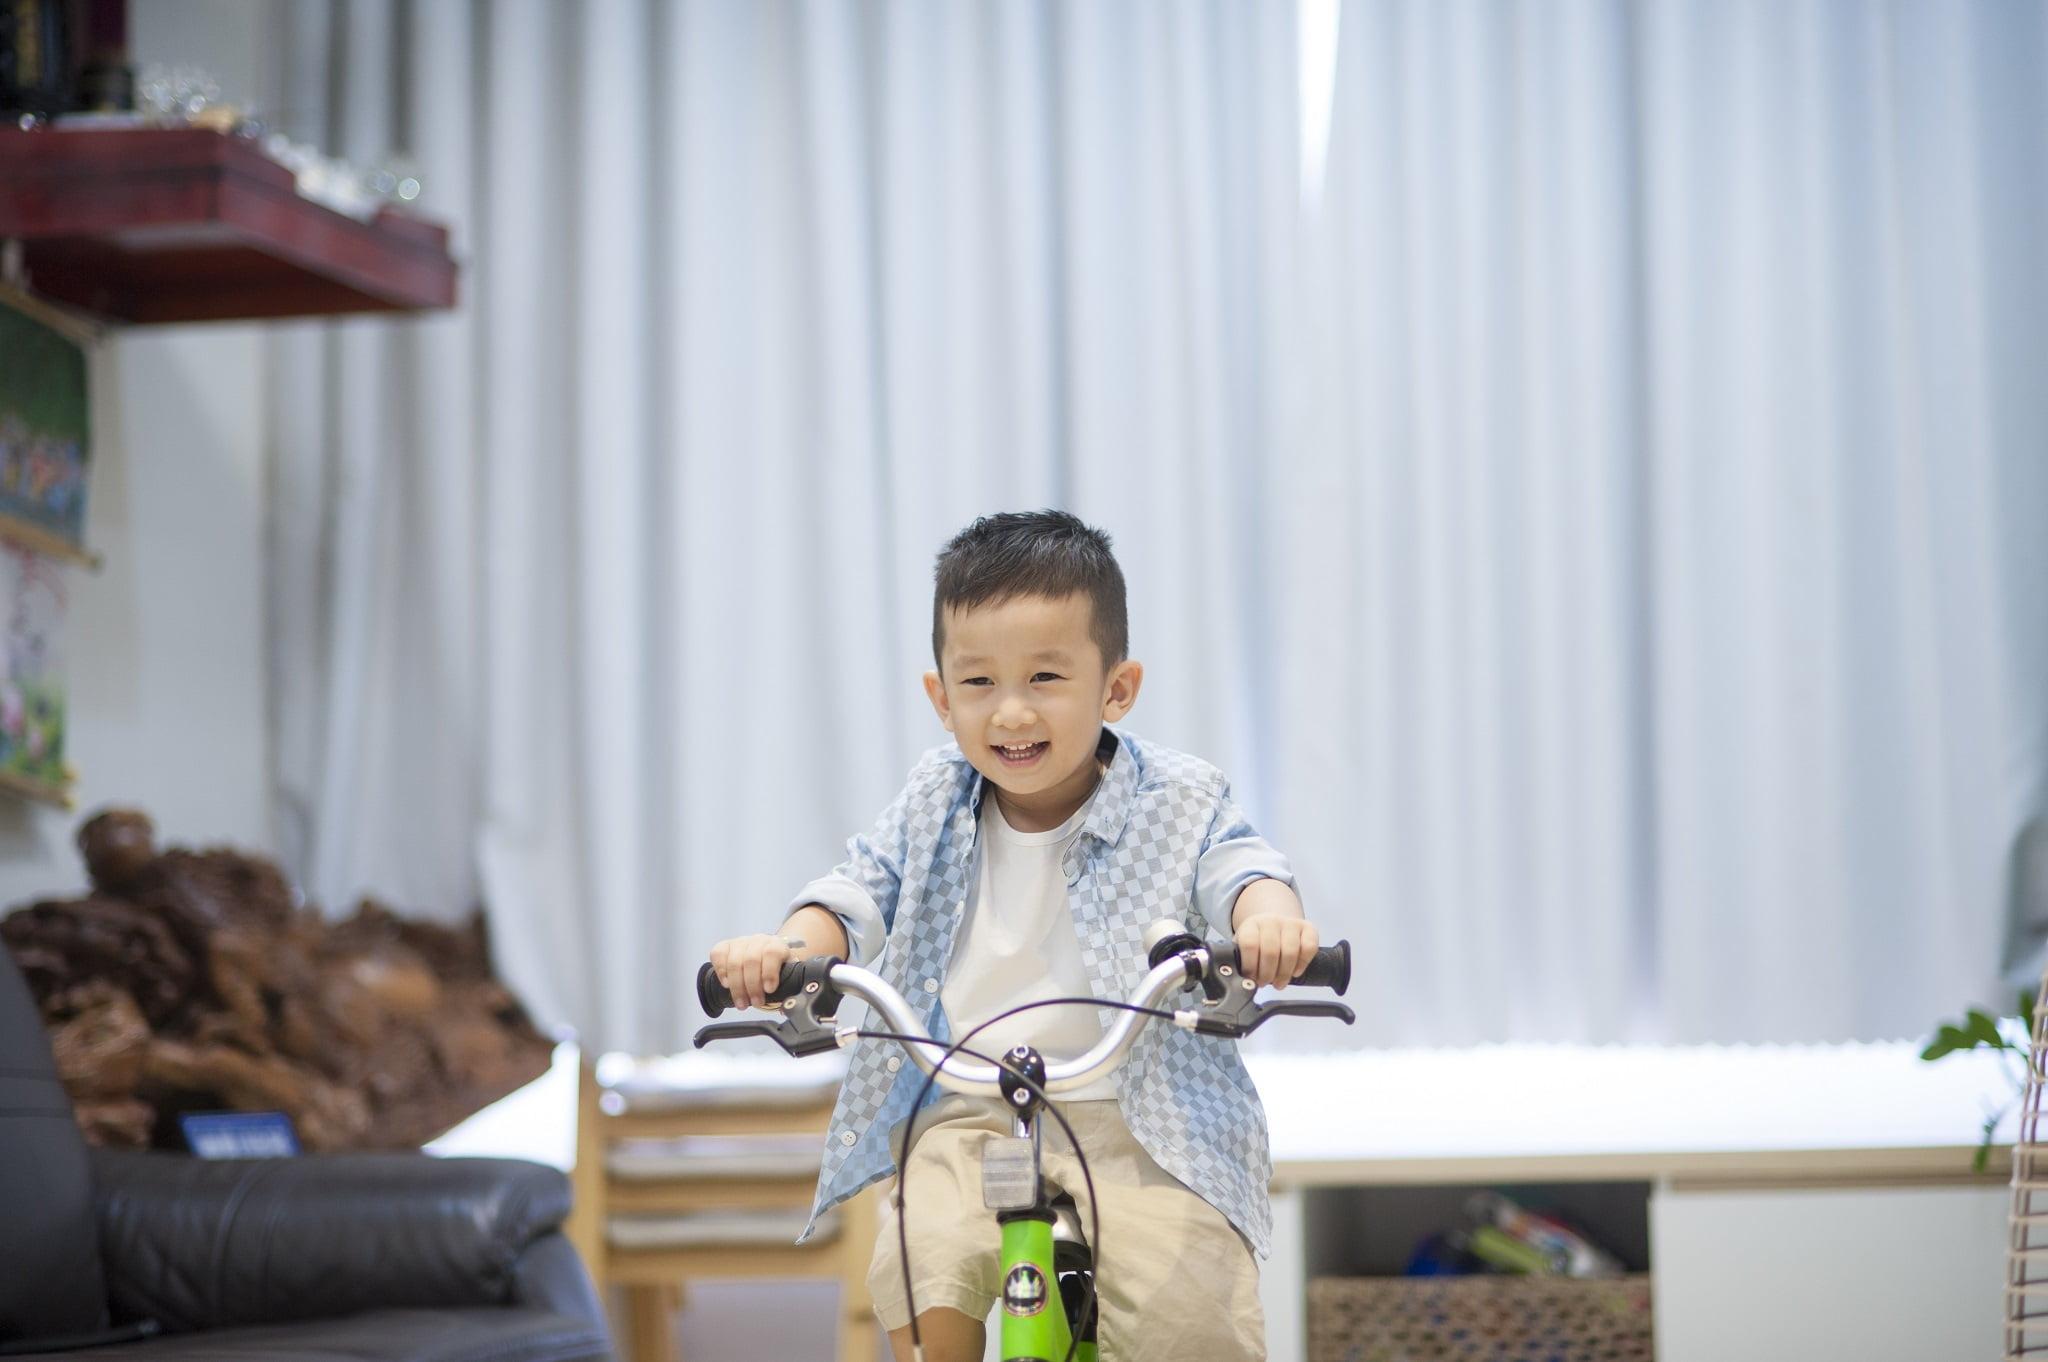 67 - Ảnh chụp bé Jindo 4 tuổi - KDL Bình quới 3 Tp.HCM